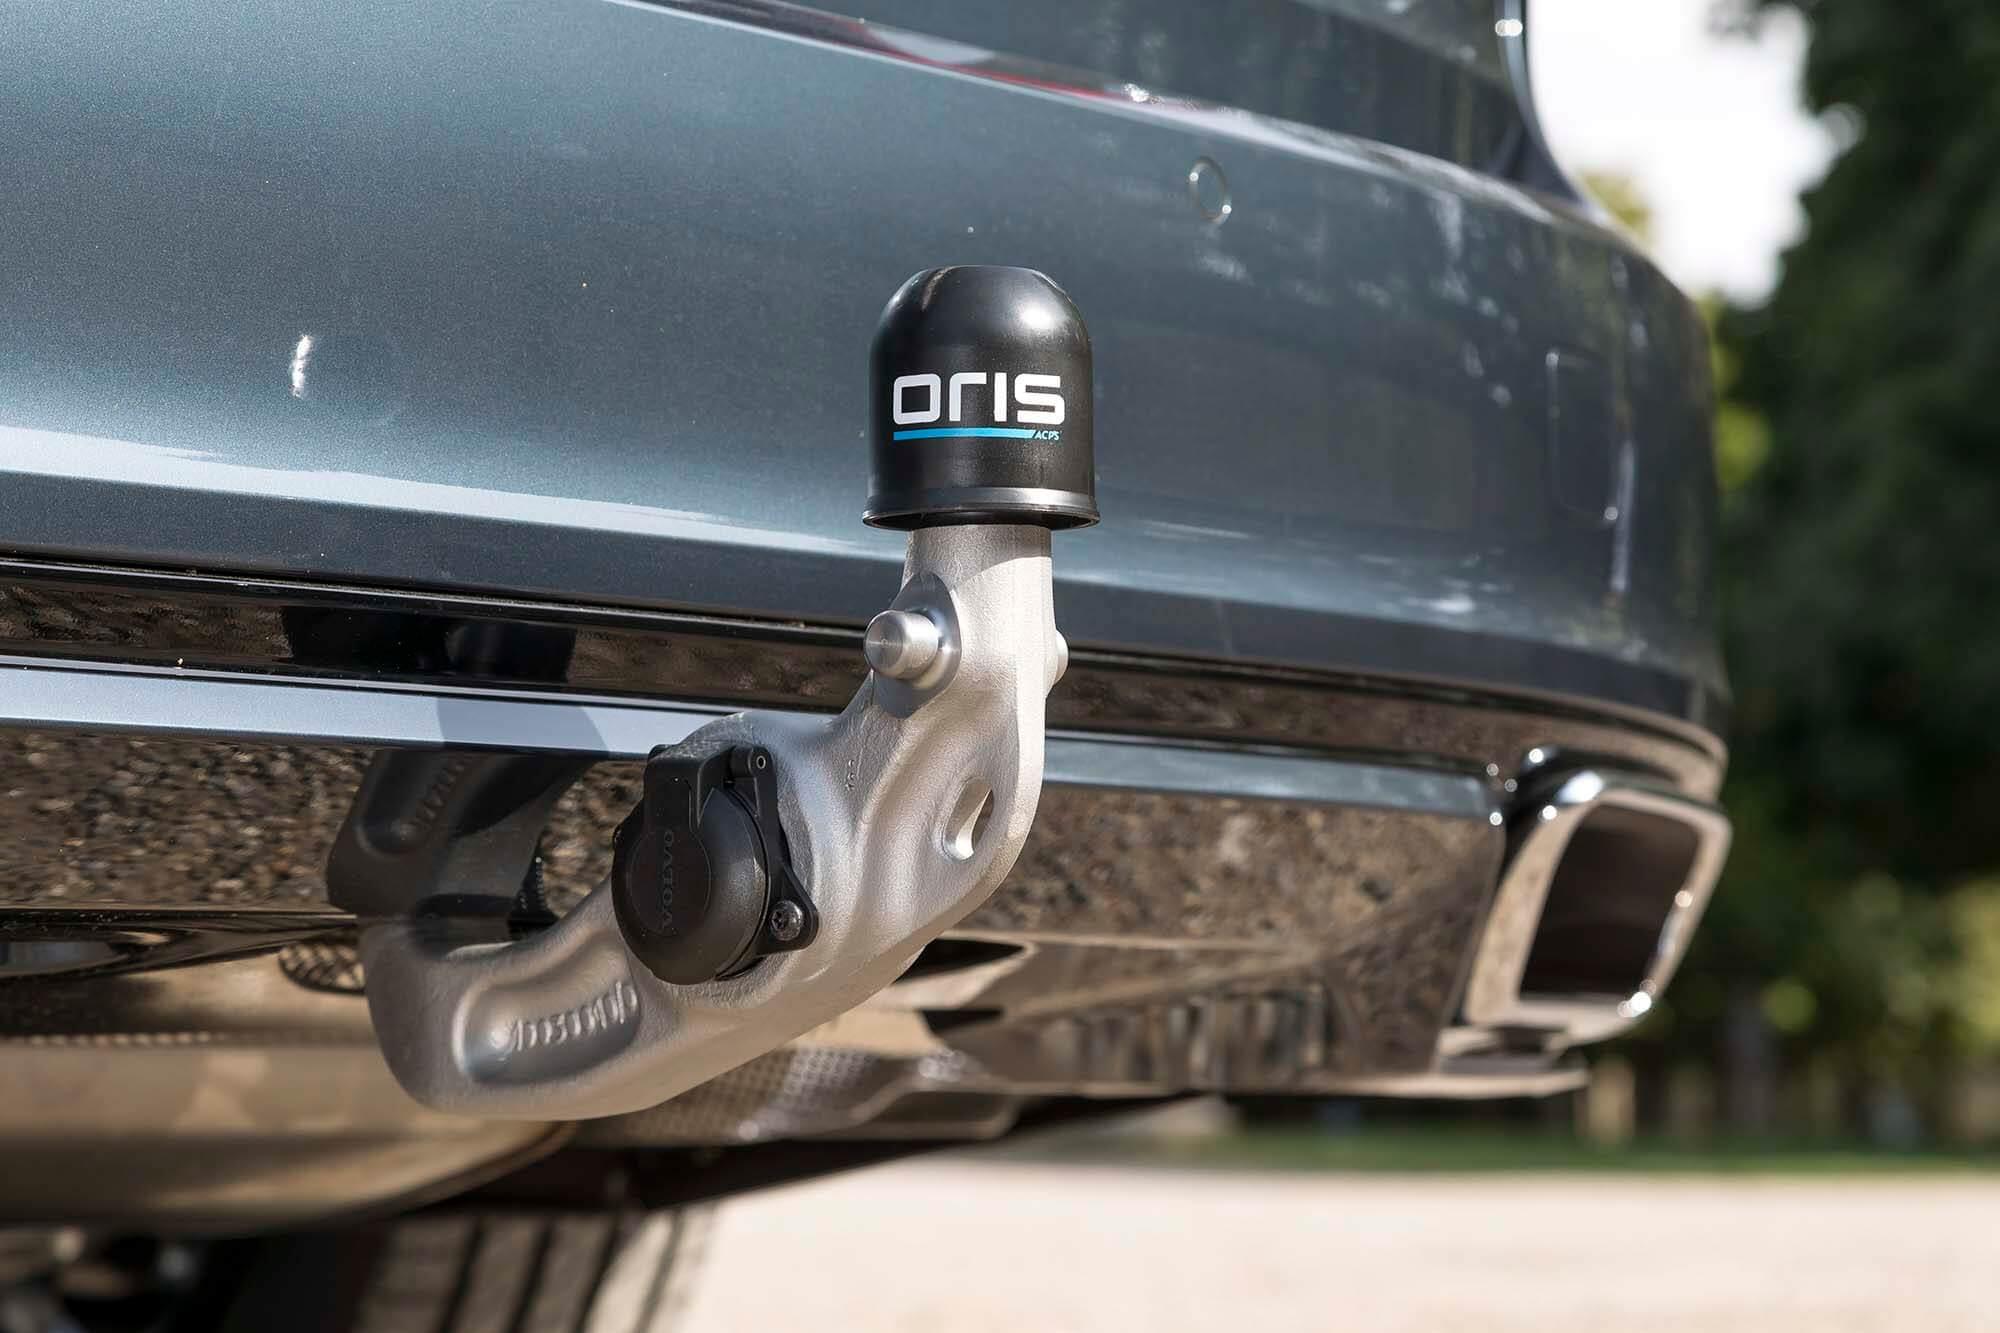 ORIS-3042